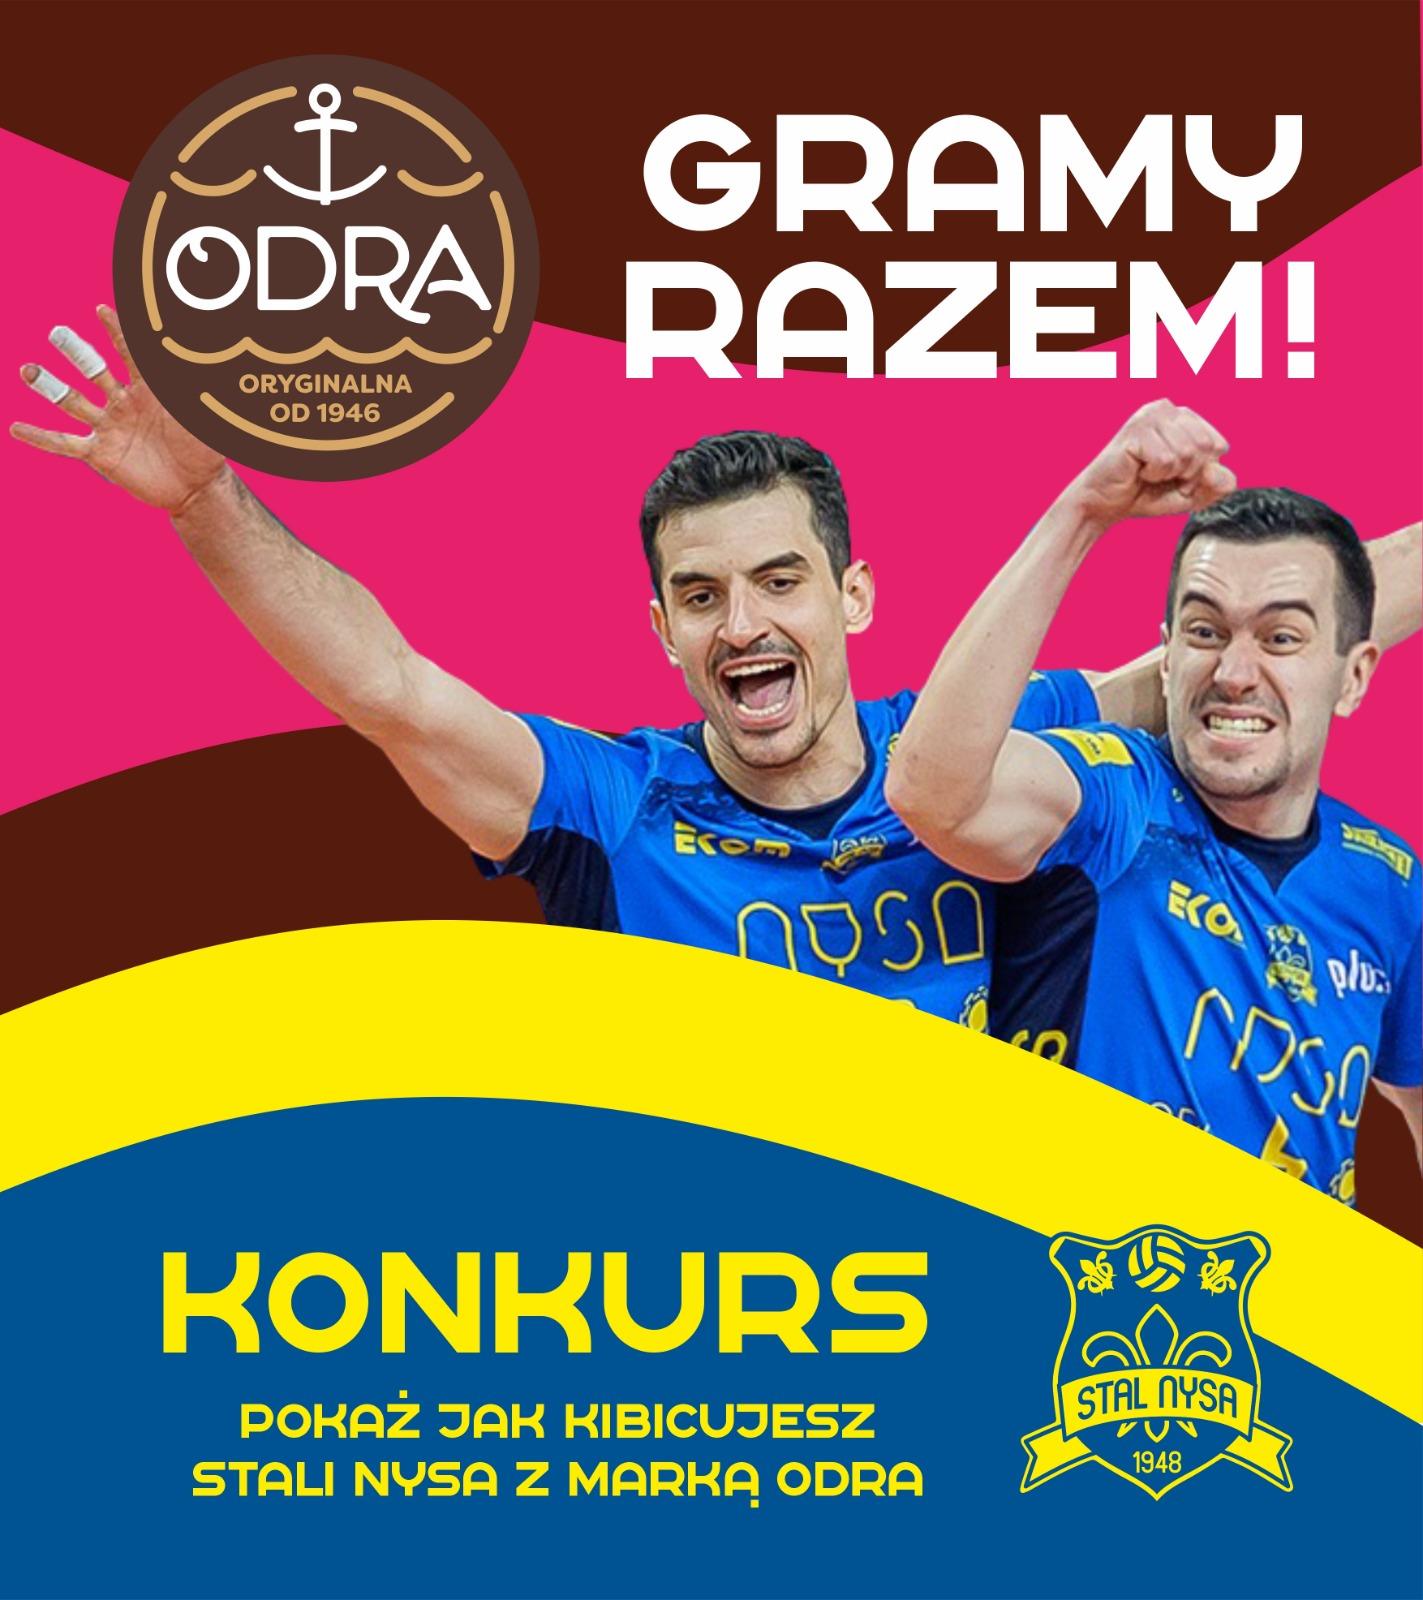 GRAMY RAZEM!